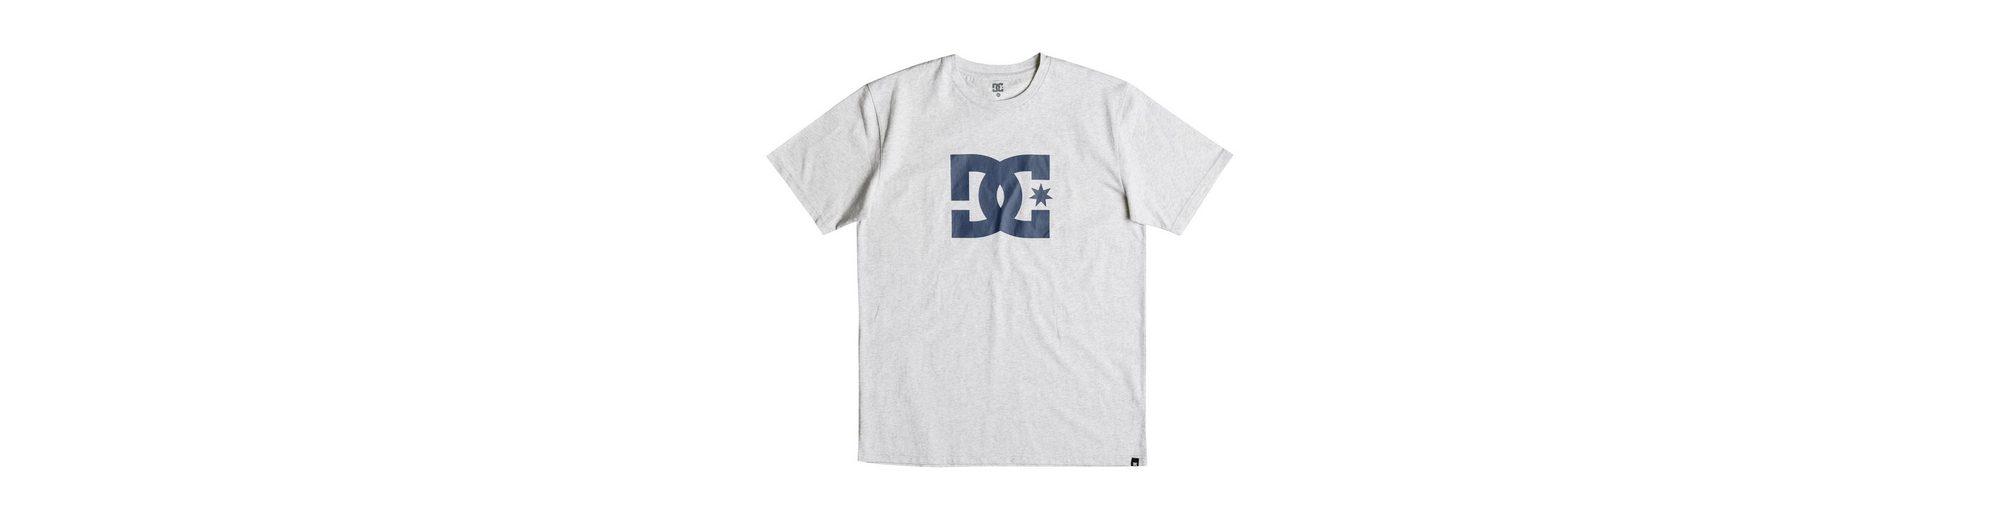 DC T Star Shoes DC T T Shoes Shirt DC Shirt Star T Shirt Shoes Shirt HrqTp7H